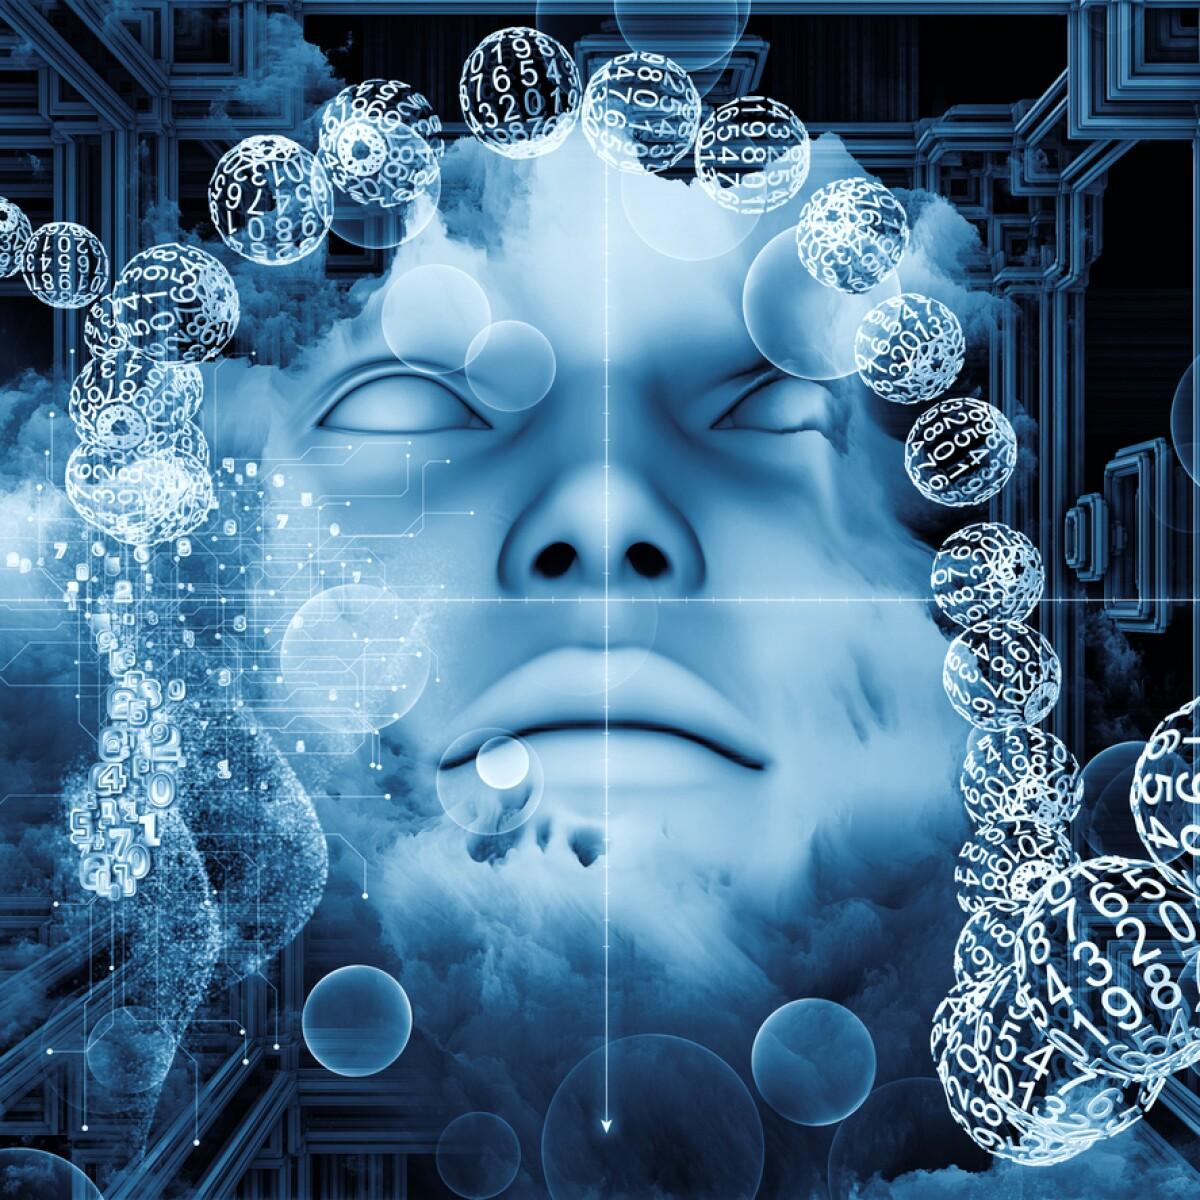 La biometría será una de las herramientas más usadas contra ciberataques